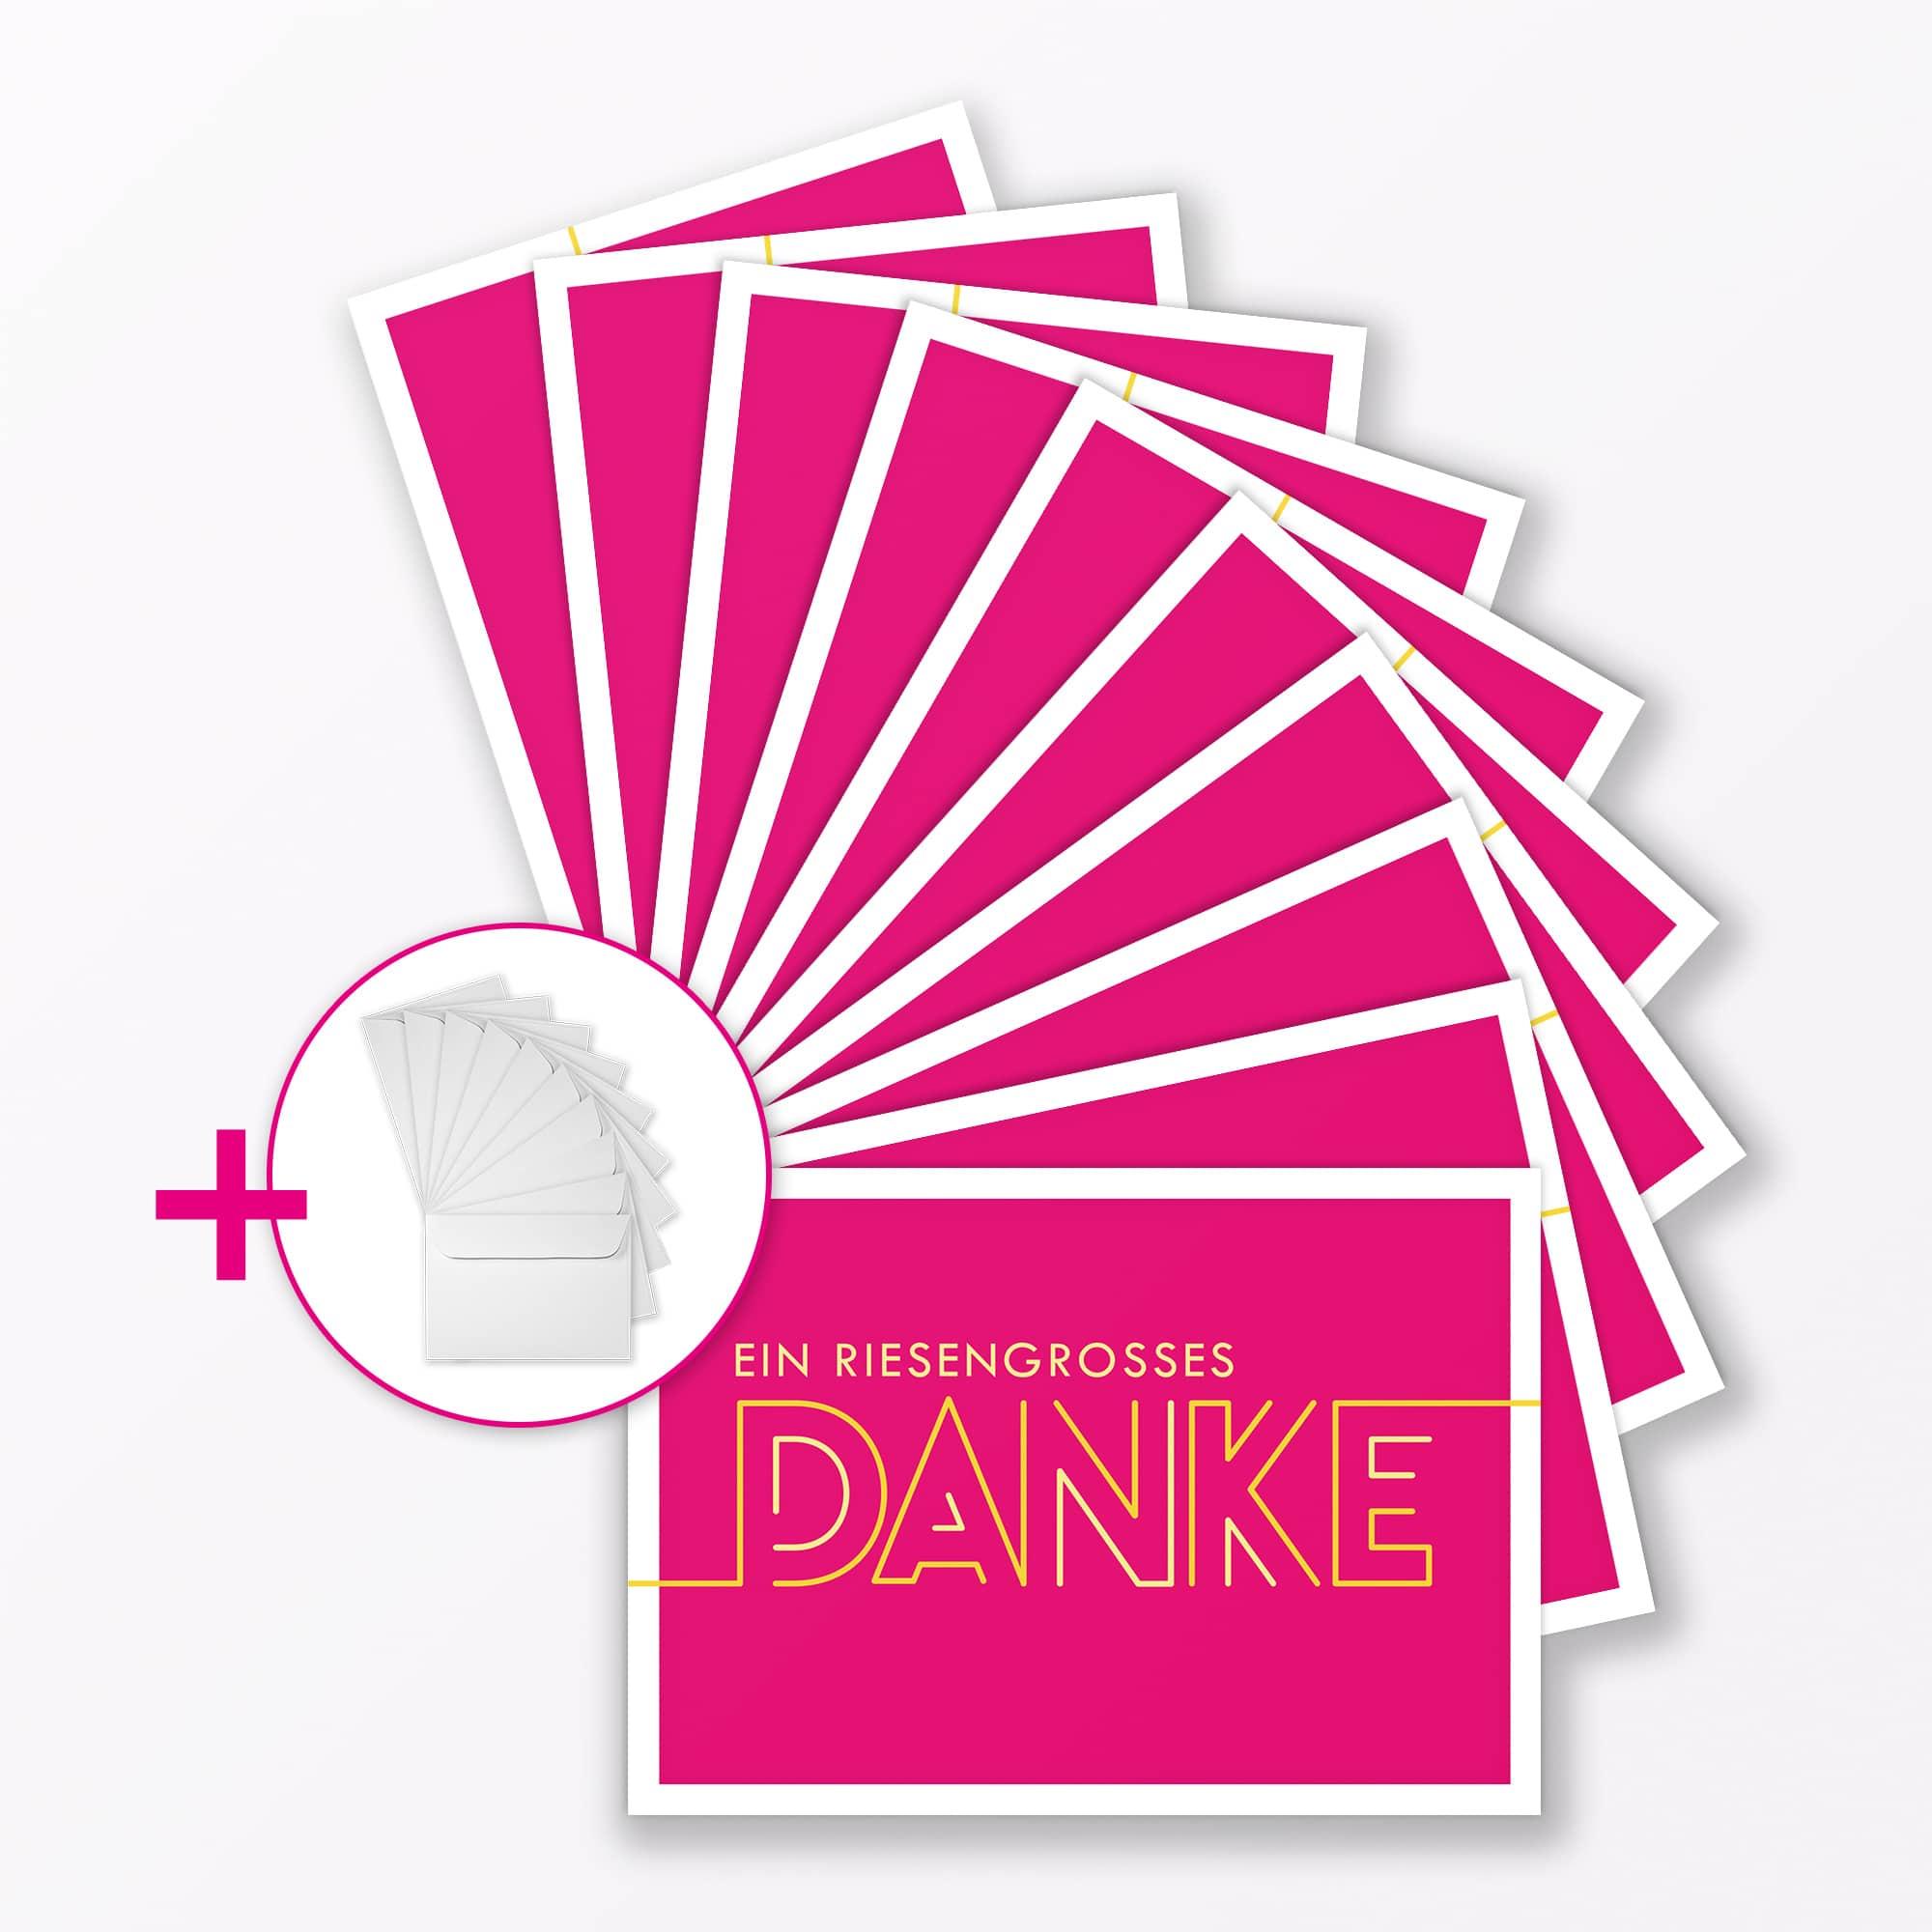 Typop G Dankeschoen Pink